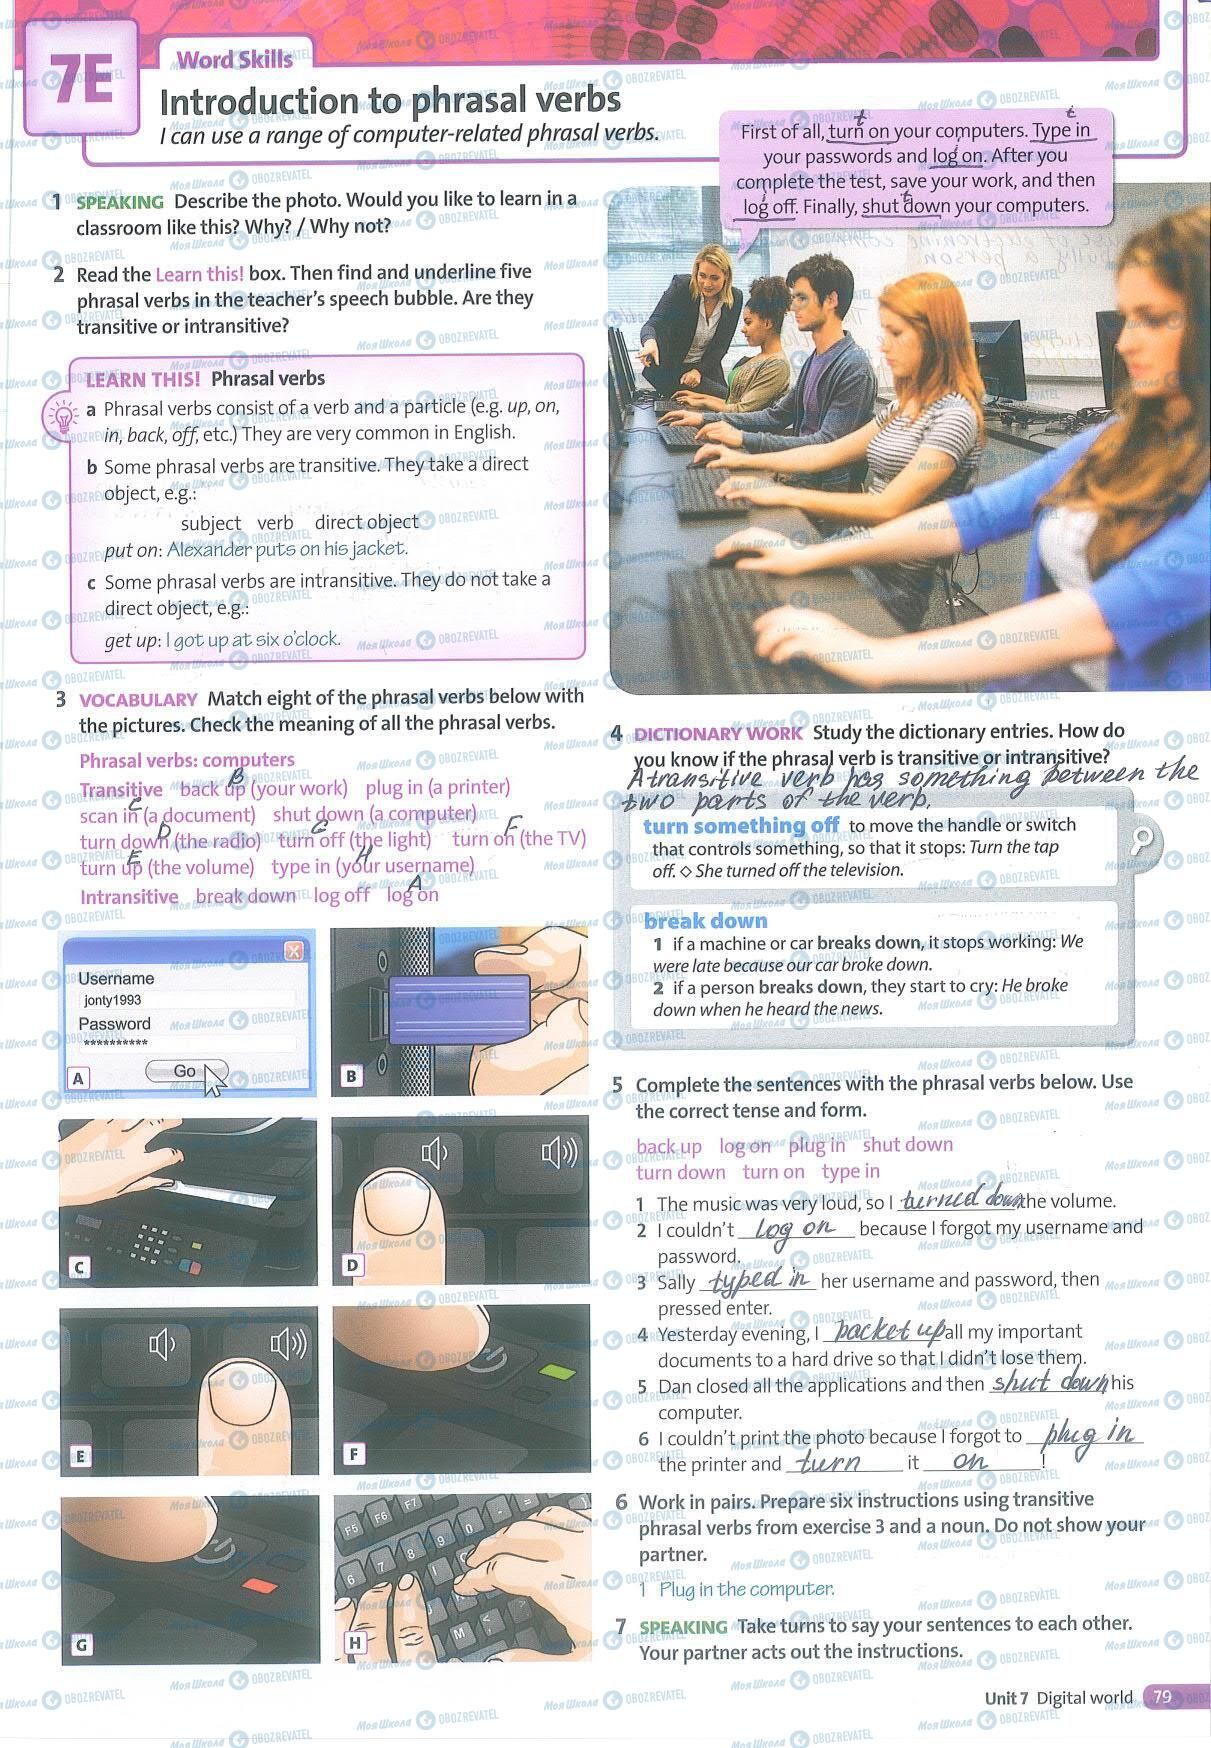 ГДЗ Англійська мова 5 клас сторінка 79